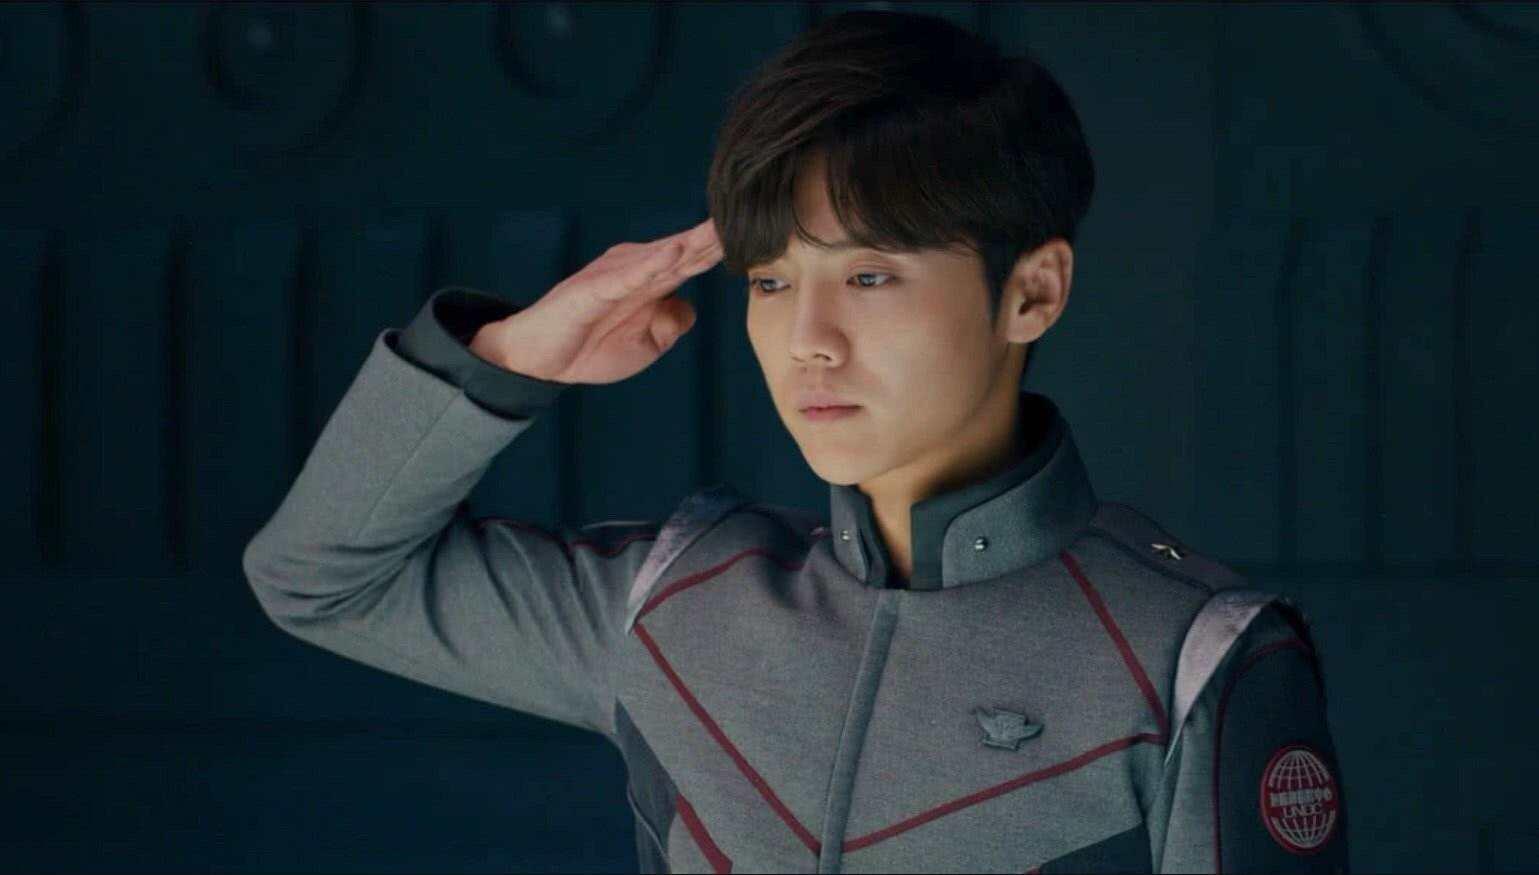 告别油腻!迷彩寸头挺拔身姿尽显军人气质,杨洋转型改走实力派?